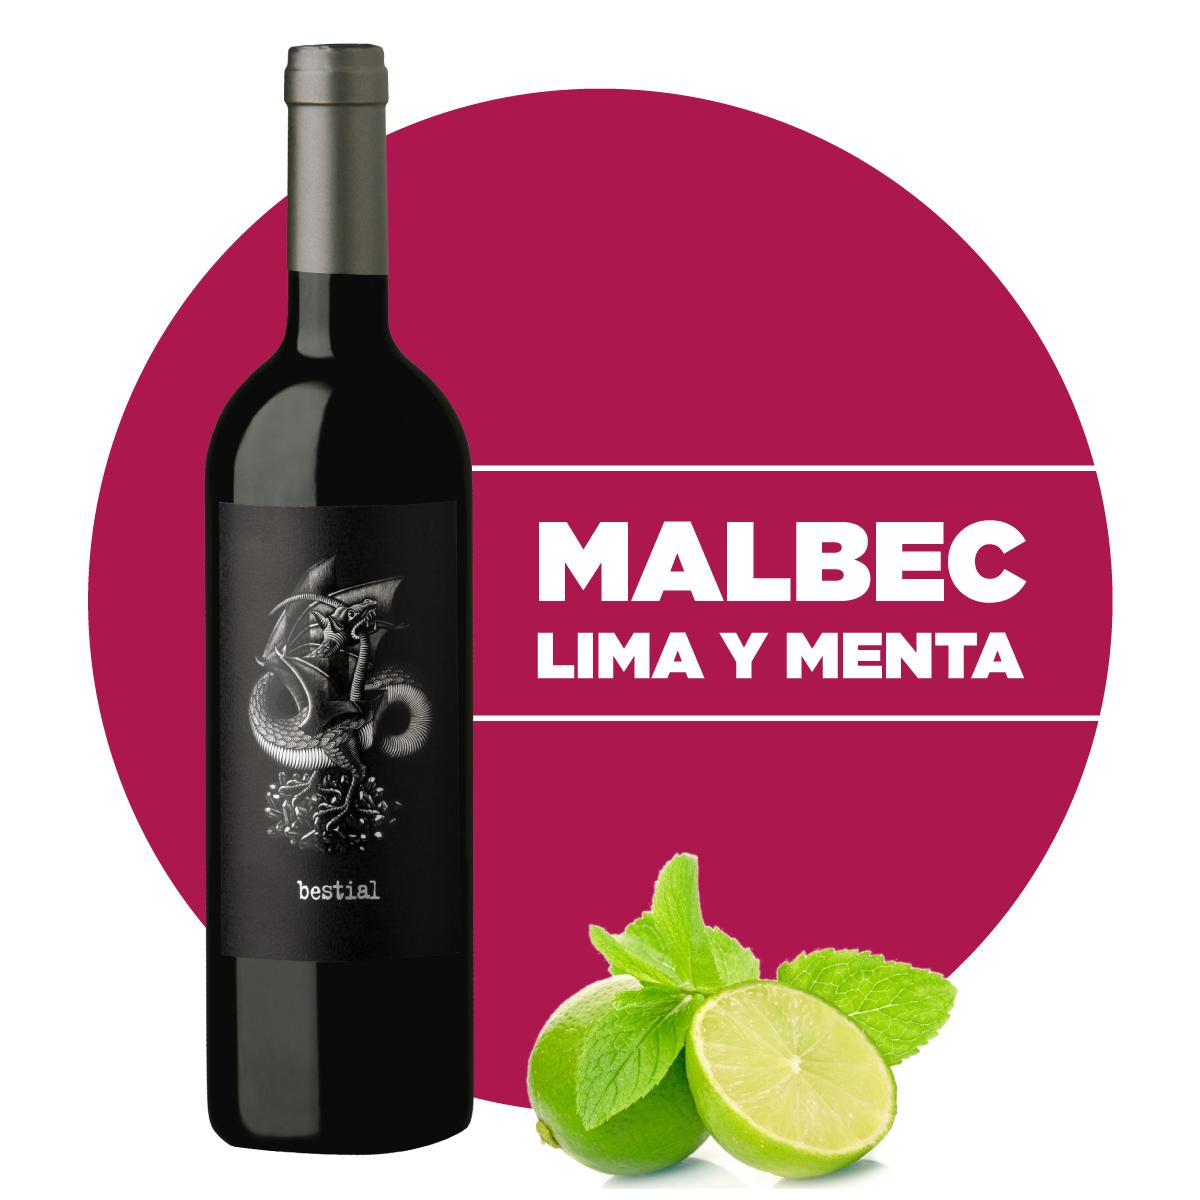 ¿Todavía no probaste un cocktail con vino? ¡Que el malbec conozca una nueva fusión es lo que te proponemos!  Pedí más data a info@wineonwheels.com.ar